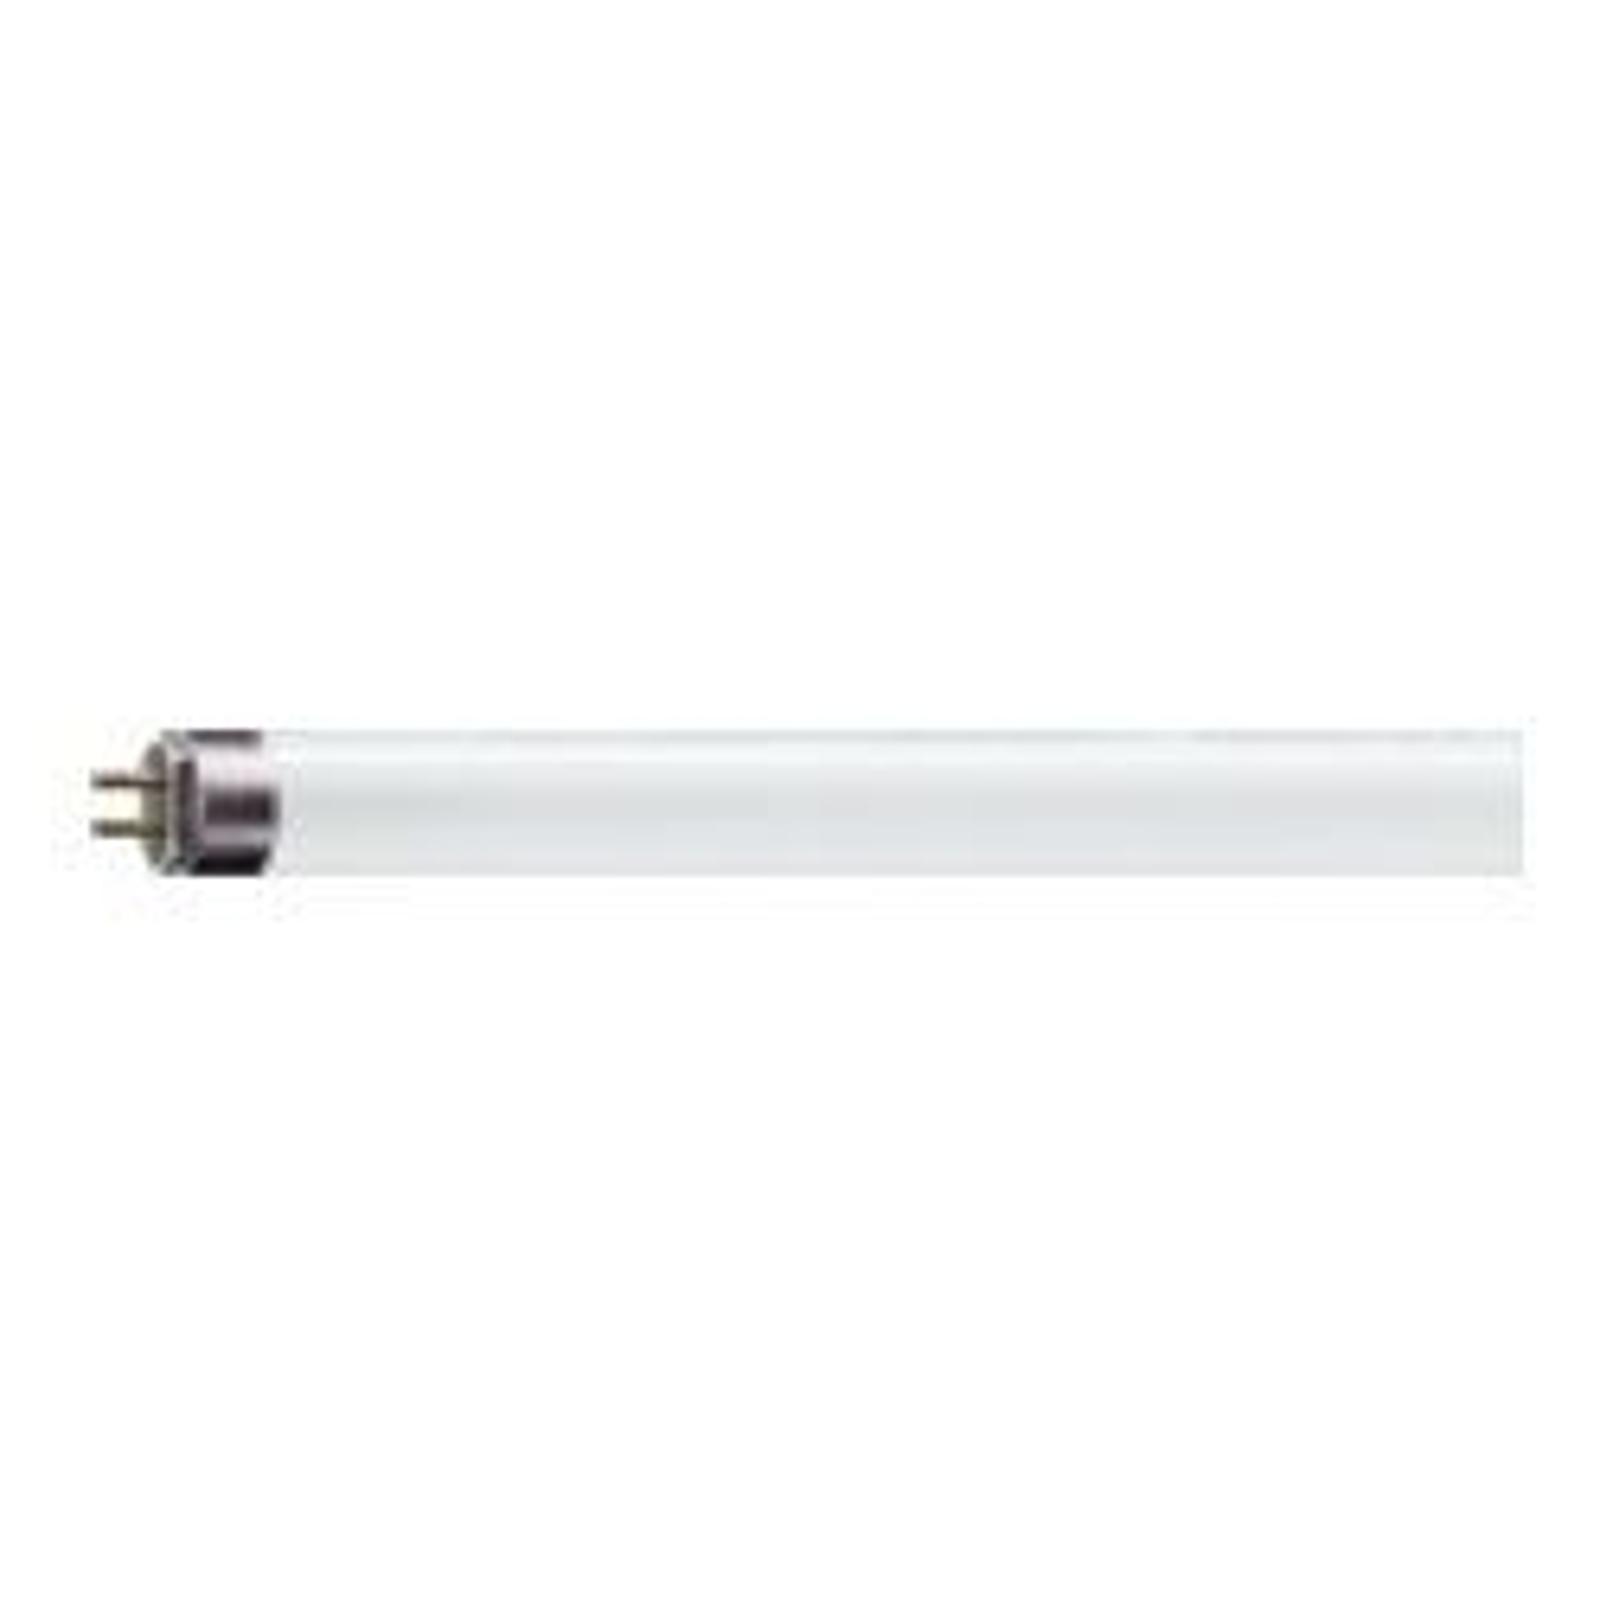 OSRAM G5 T5 Leuchtstoffröhre  930 13W